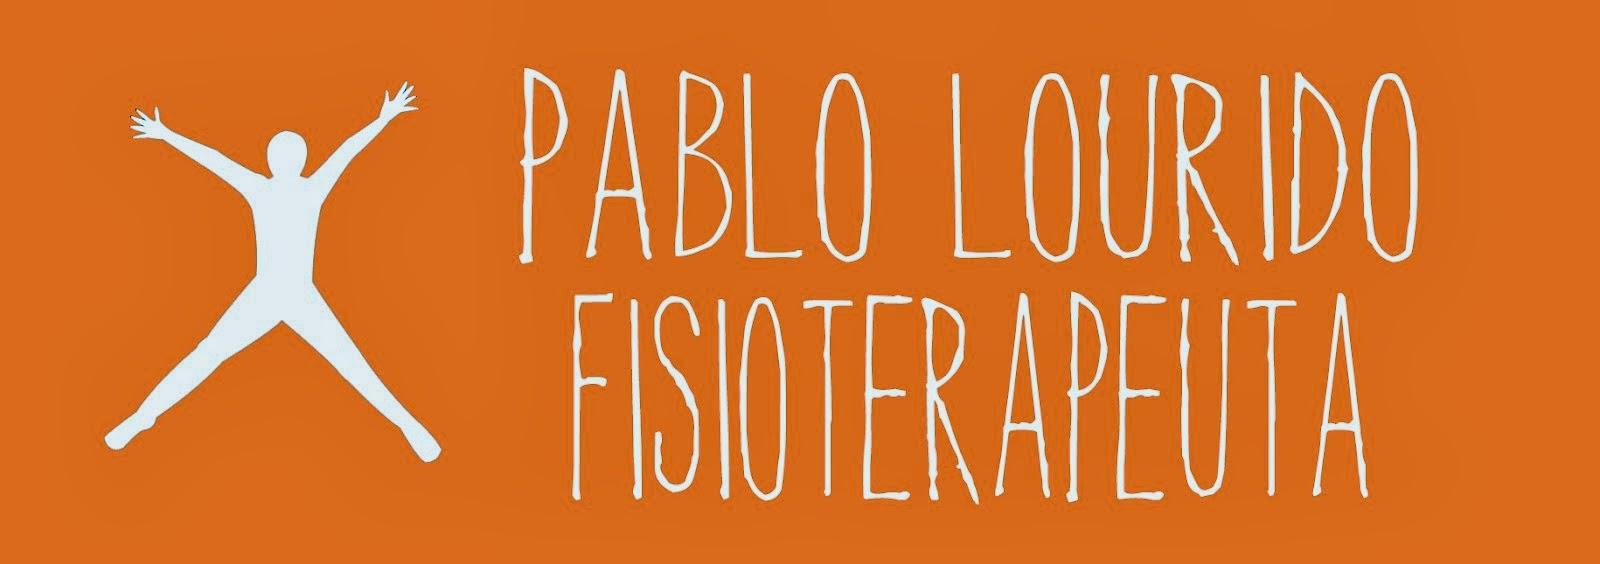 Pablo Lourido, Fisioterapeuta